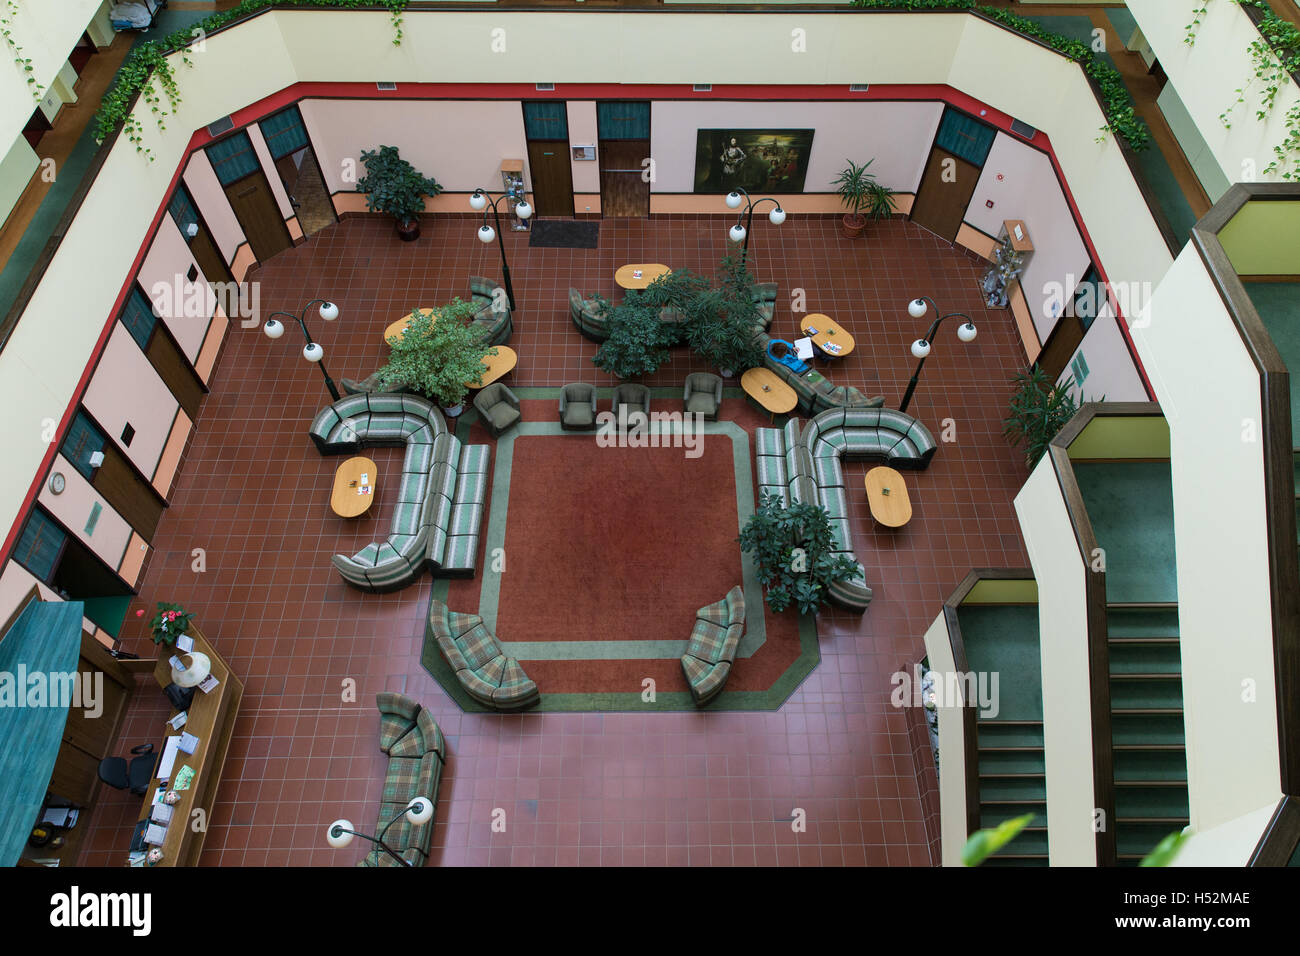 Hotel Atrium. Halle.  und die Balkone. Korridore der. Blick vom Balkon im Inneren. Stockbild